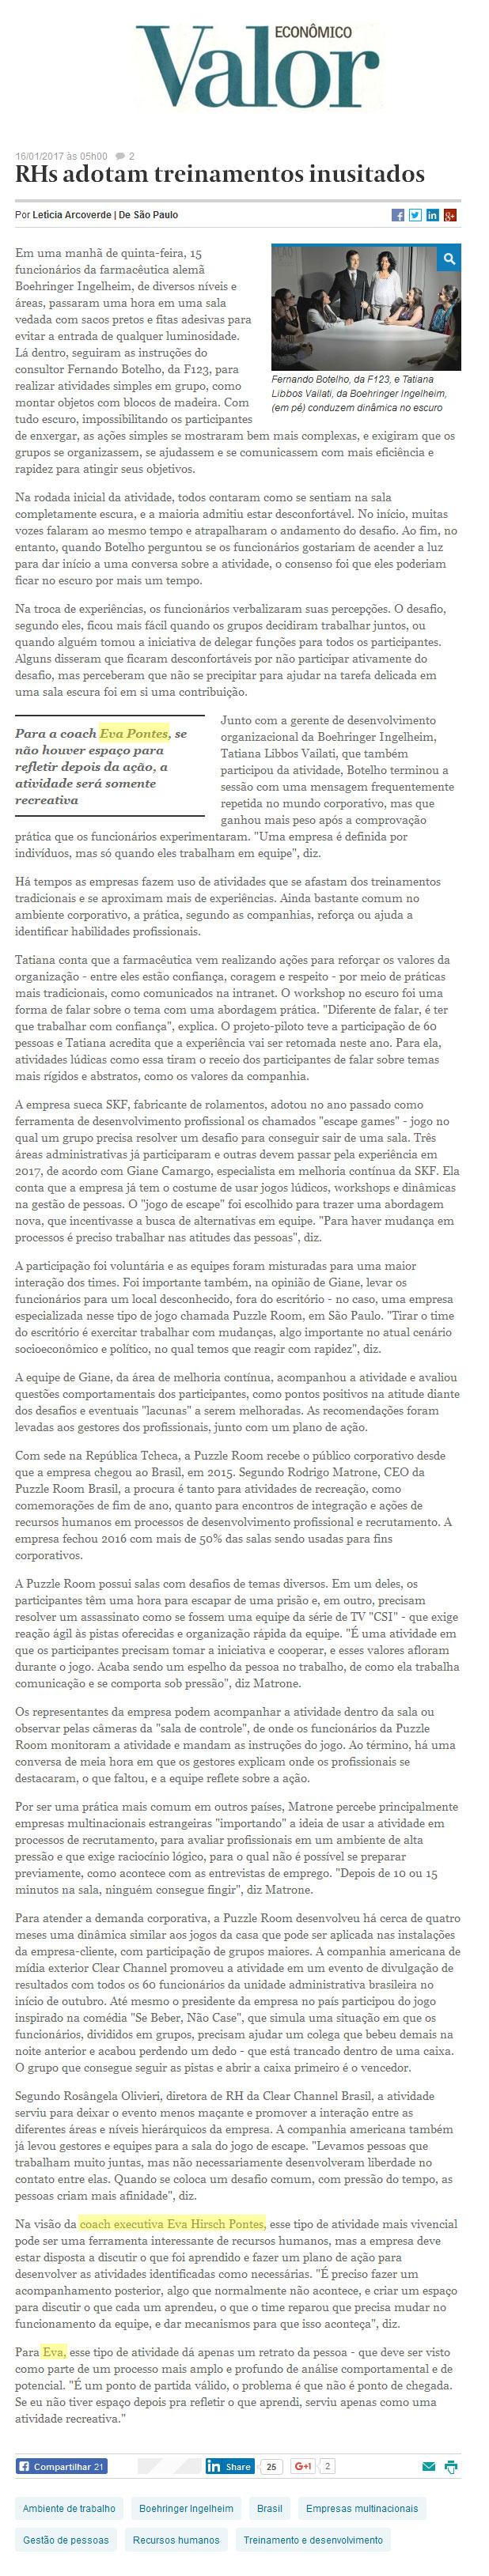 Valor-Economico-Online_Carreira_16_1_2017-1